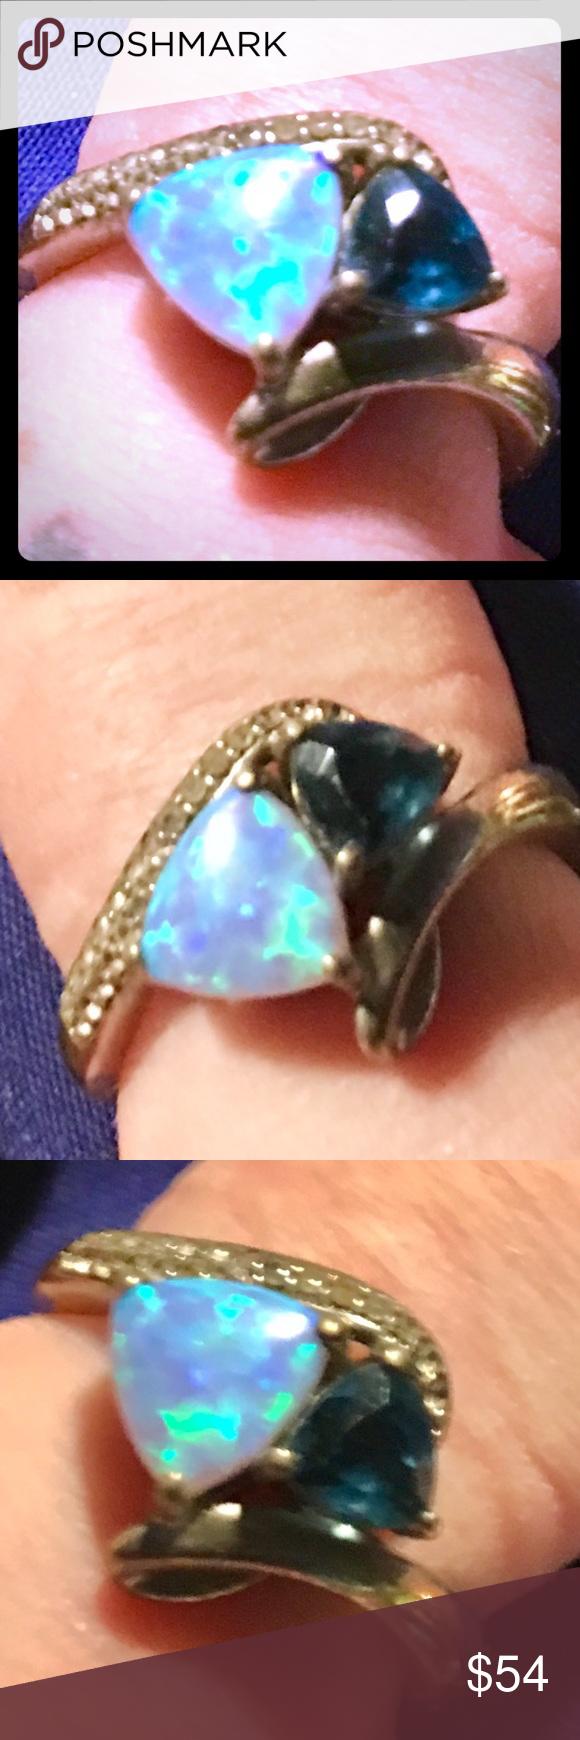 Blue Fire Opal London Blue Sterling Silver Ring Fierce Blue Fire Opal Deep London Blue Gemstone Set In A Unique Whit Fire Opal London Blue Topaz Silver Rings